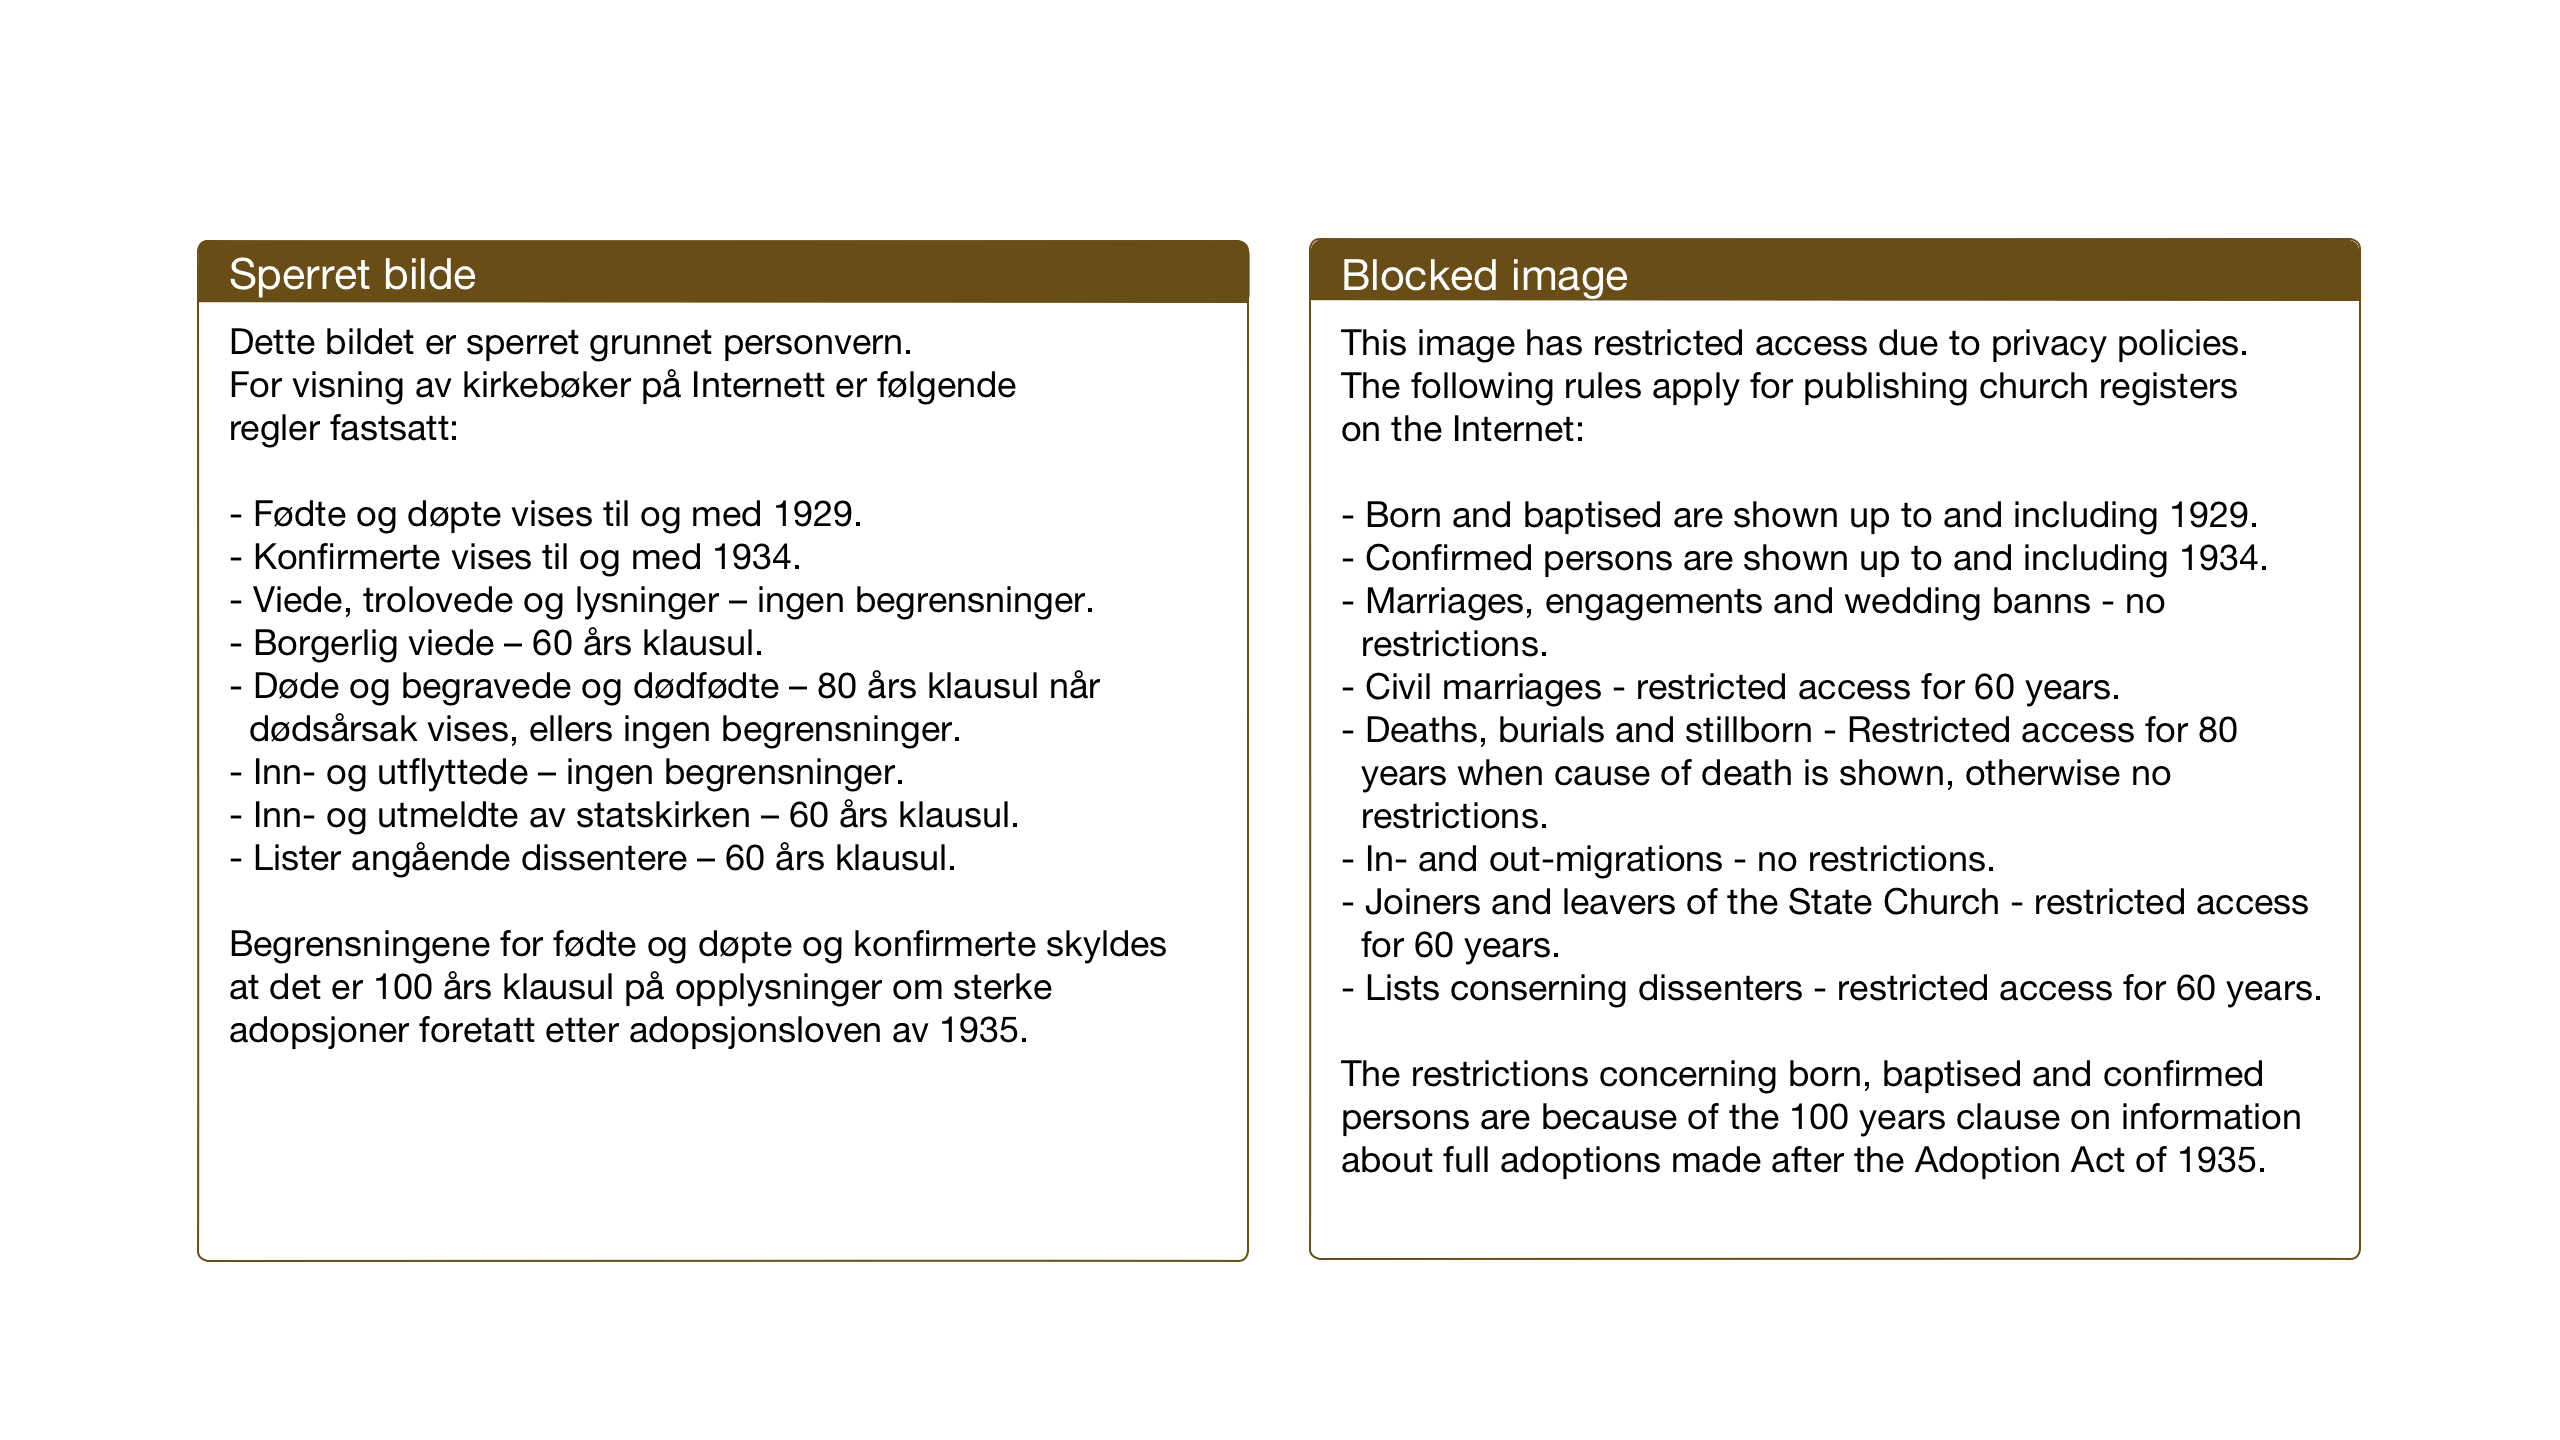 SAT, Ministerialprotokoller, klokkerbøker og fødselsregistre - Sør-Trøndelag, 681/L0944: Klokkerbok nr. 681C08, 1926-1954, s. 15